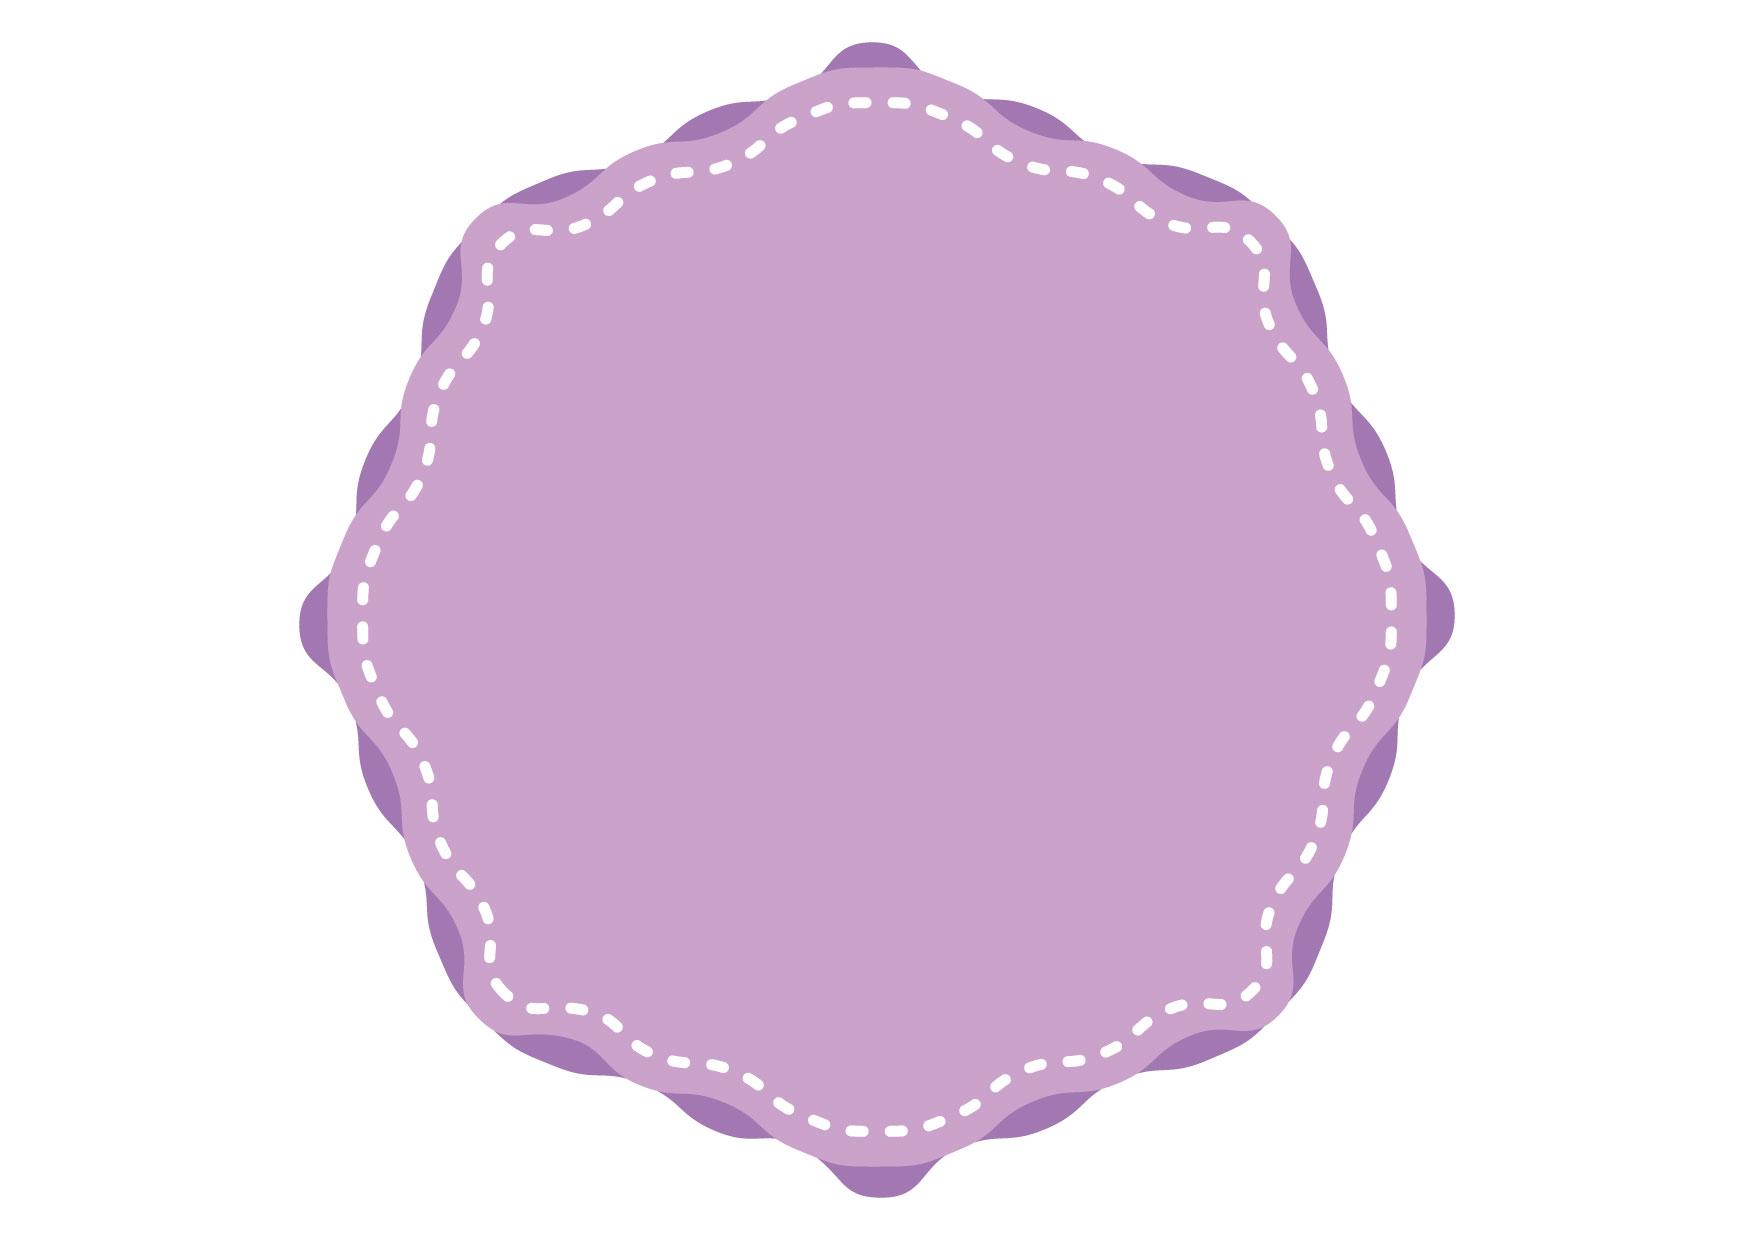 可愛いイラスト無料|フレーム 布 紫 背景 − free illustration Frame cloth purple background